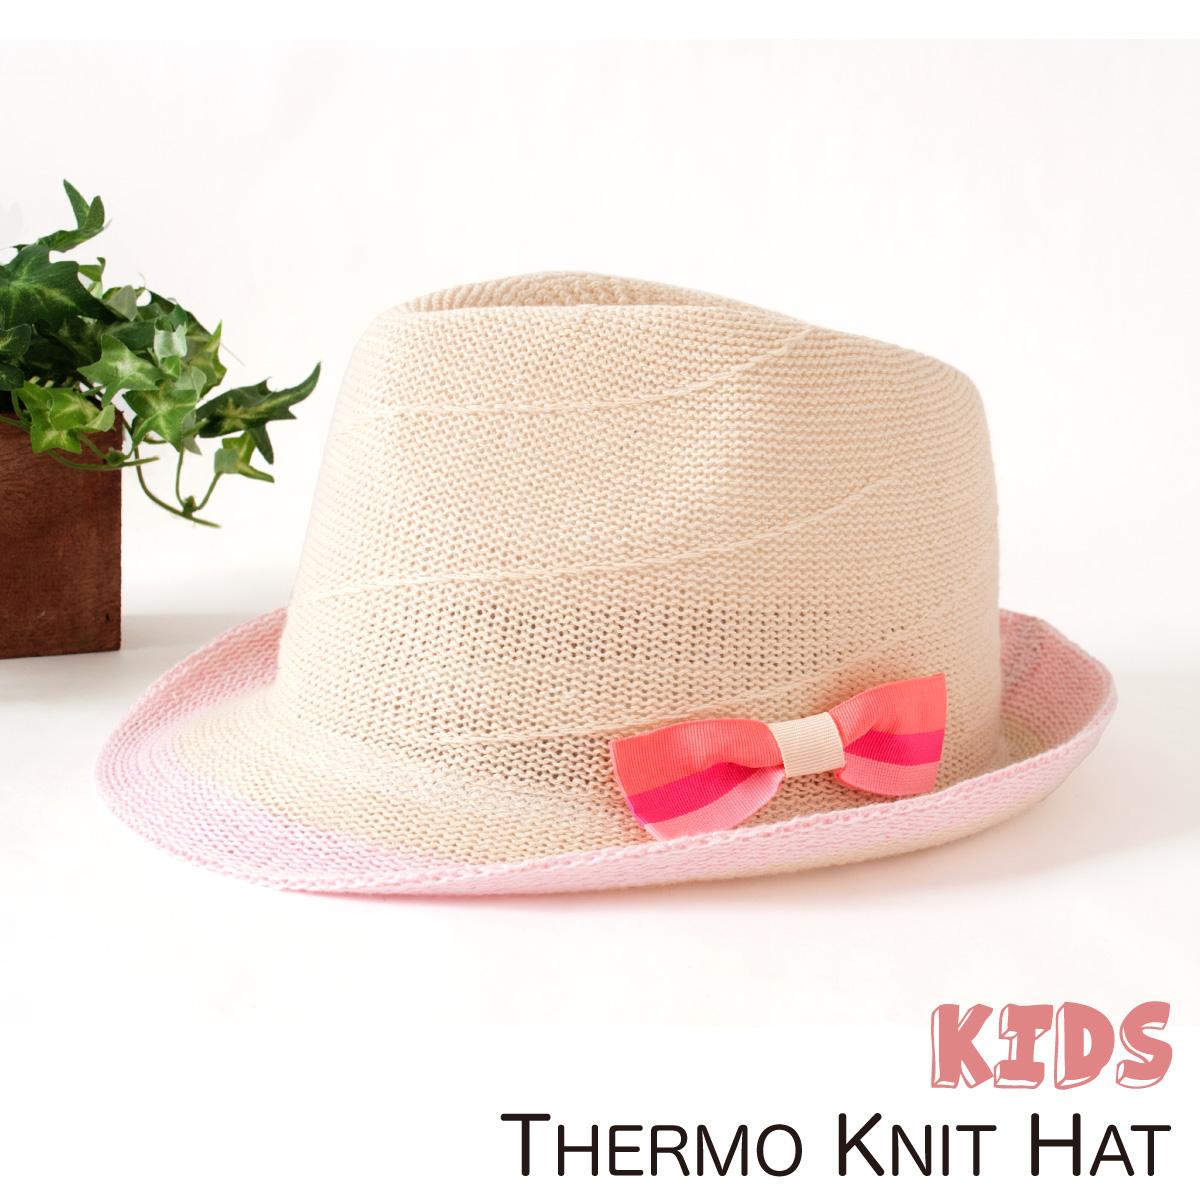 キッズ 子供帽子 お見舞い 春夏帽子 サーモハット 帽子 人気ブレゼント! サーモニット中折れ帽 子供